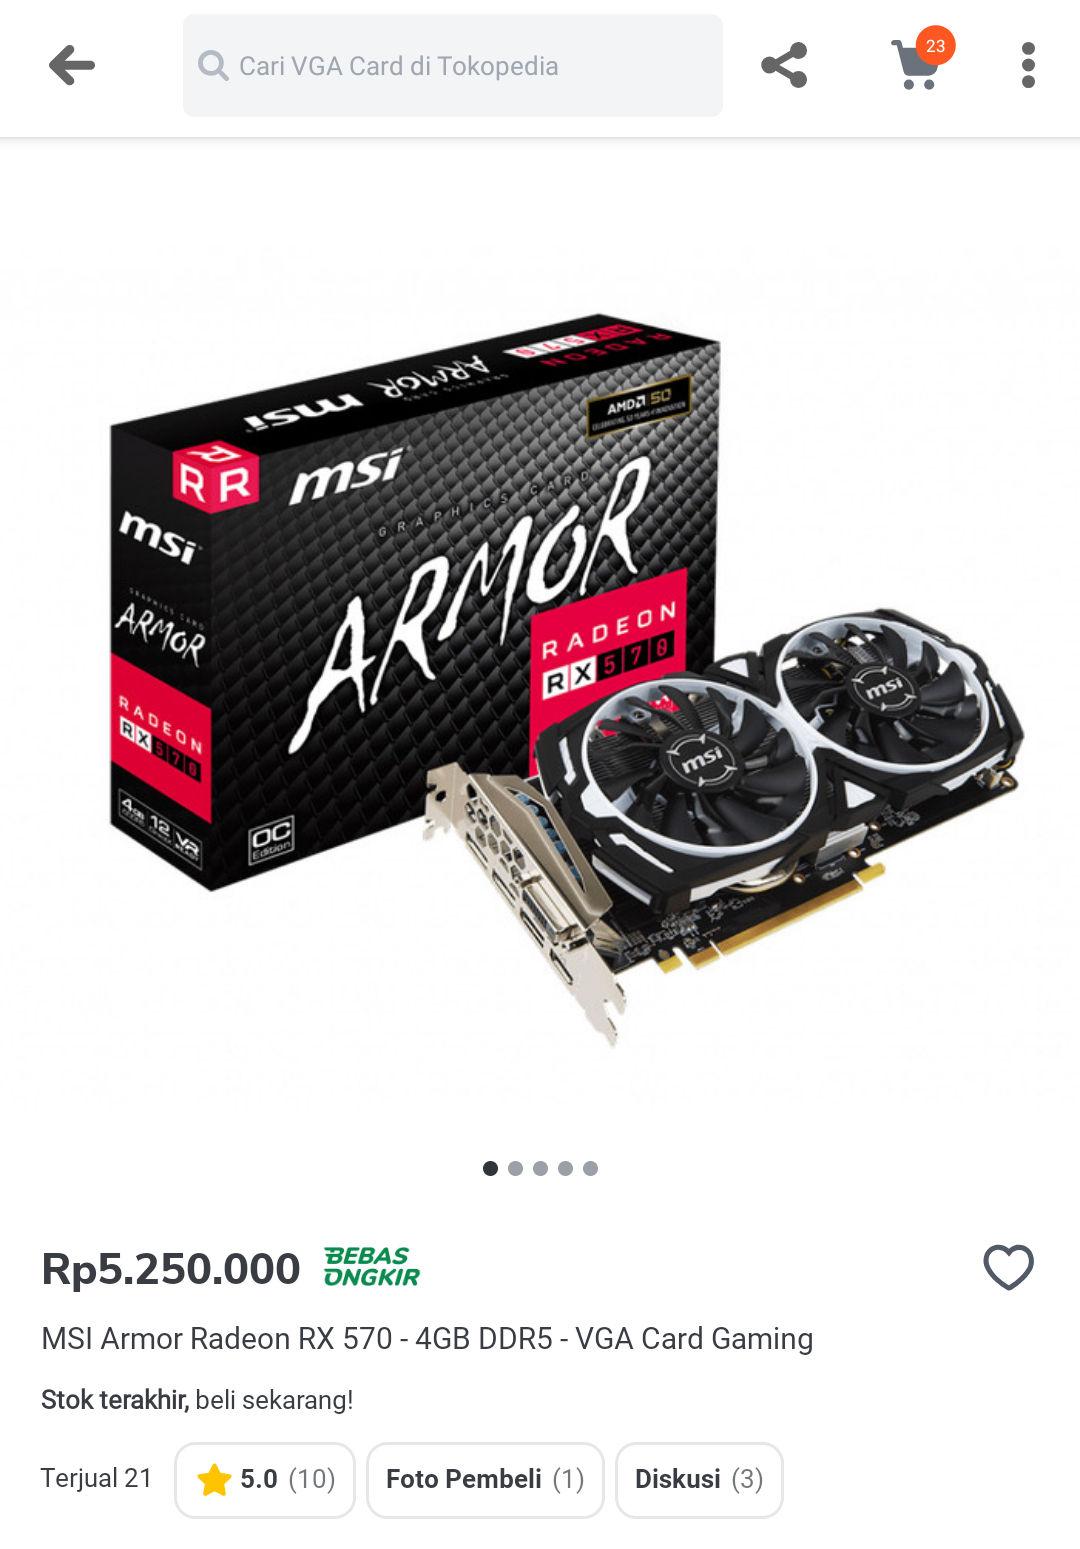 Amd-a Radeon RX 570